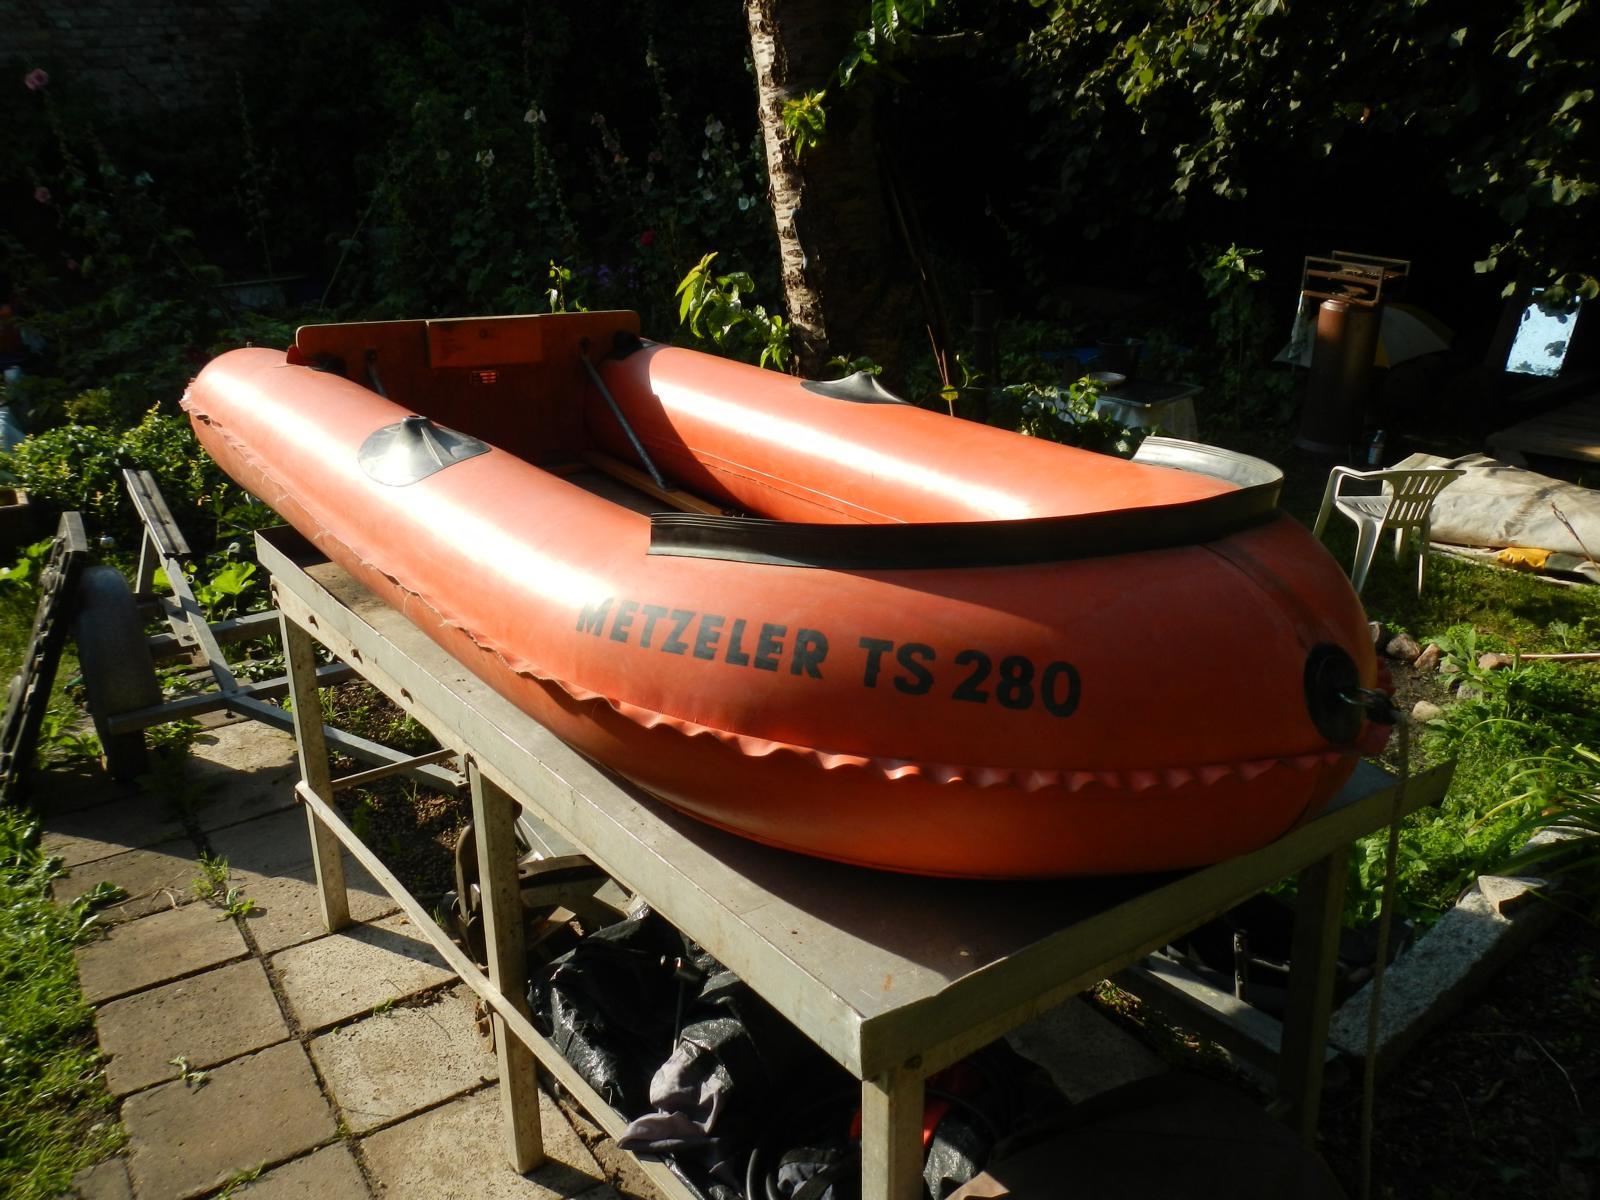 Schlauchboot MEZELER TS280